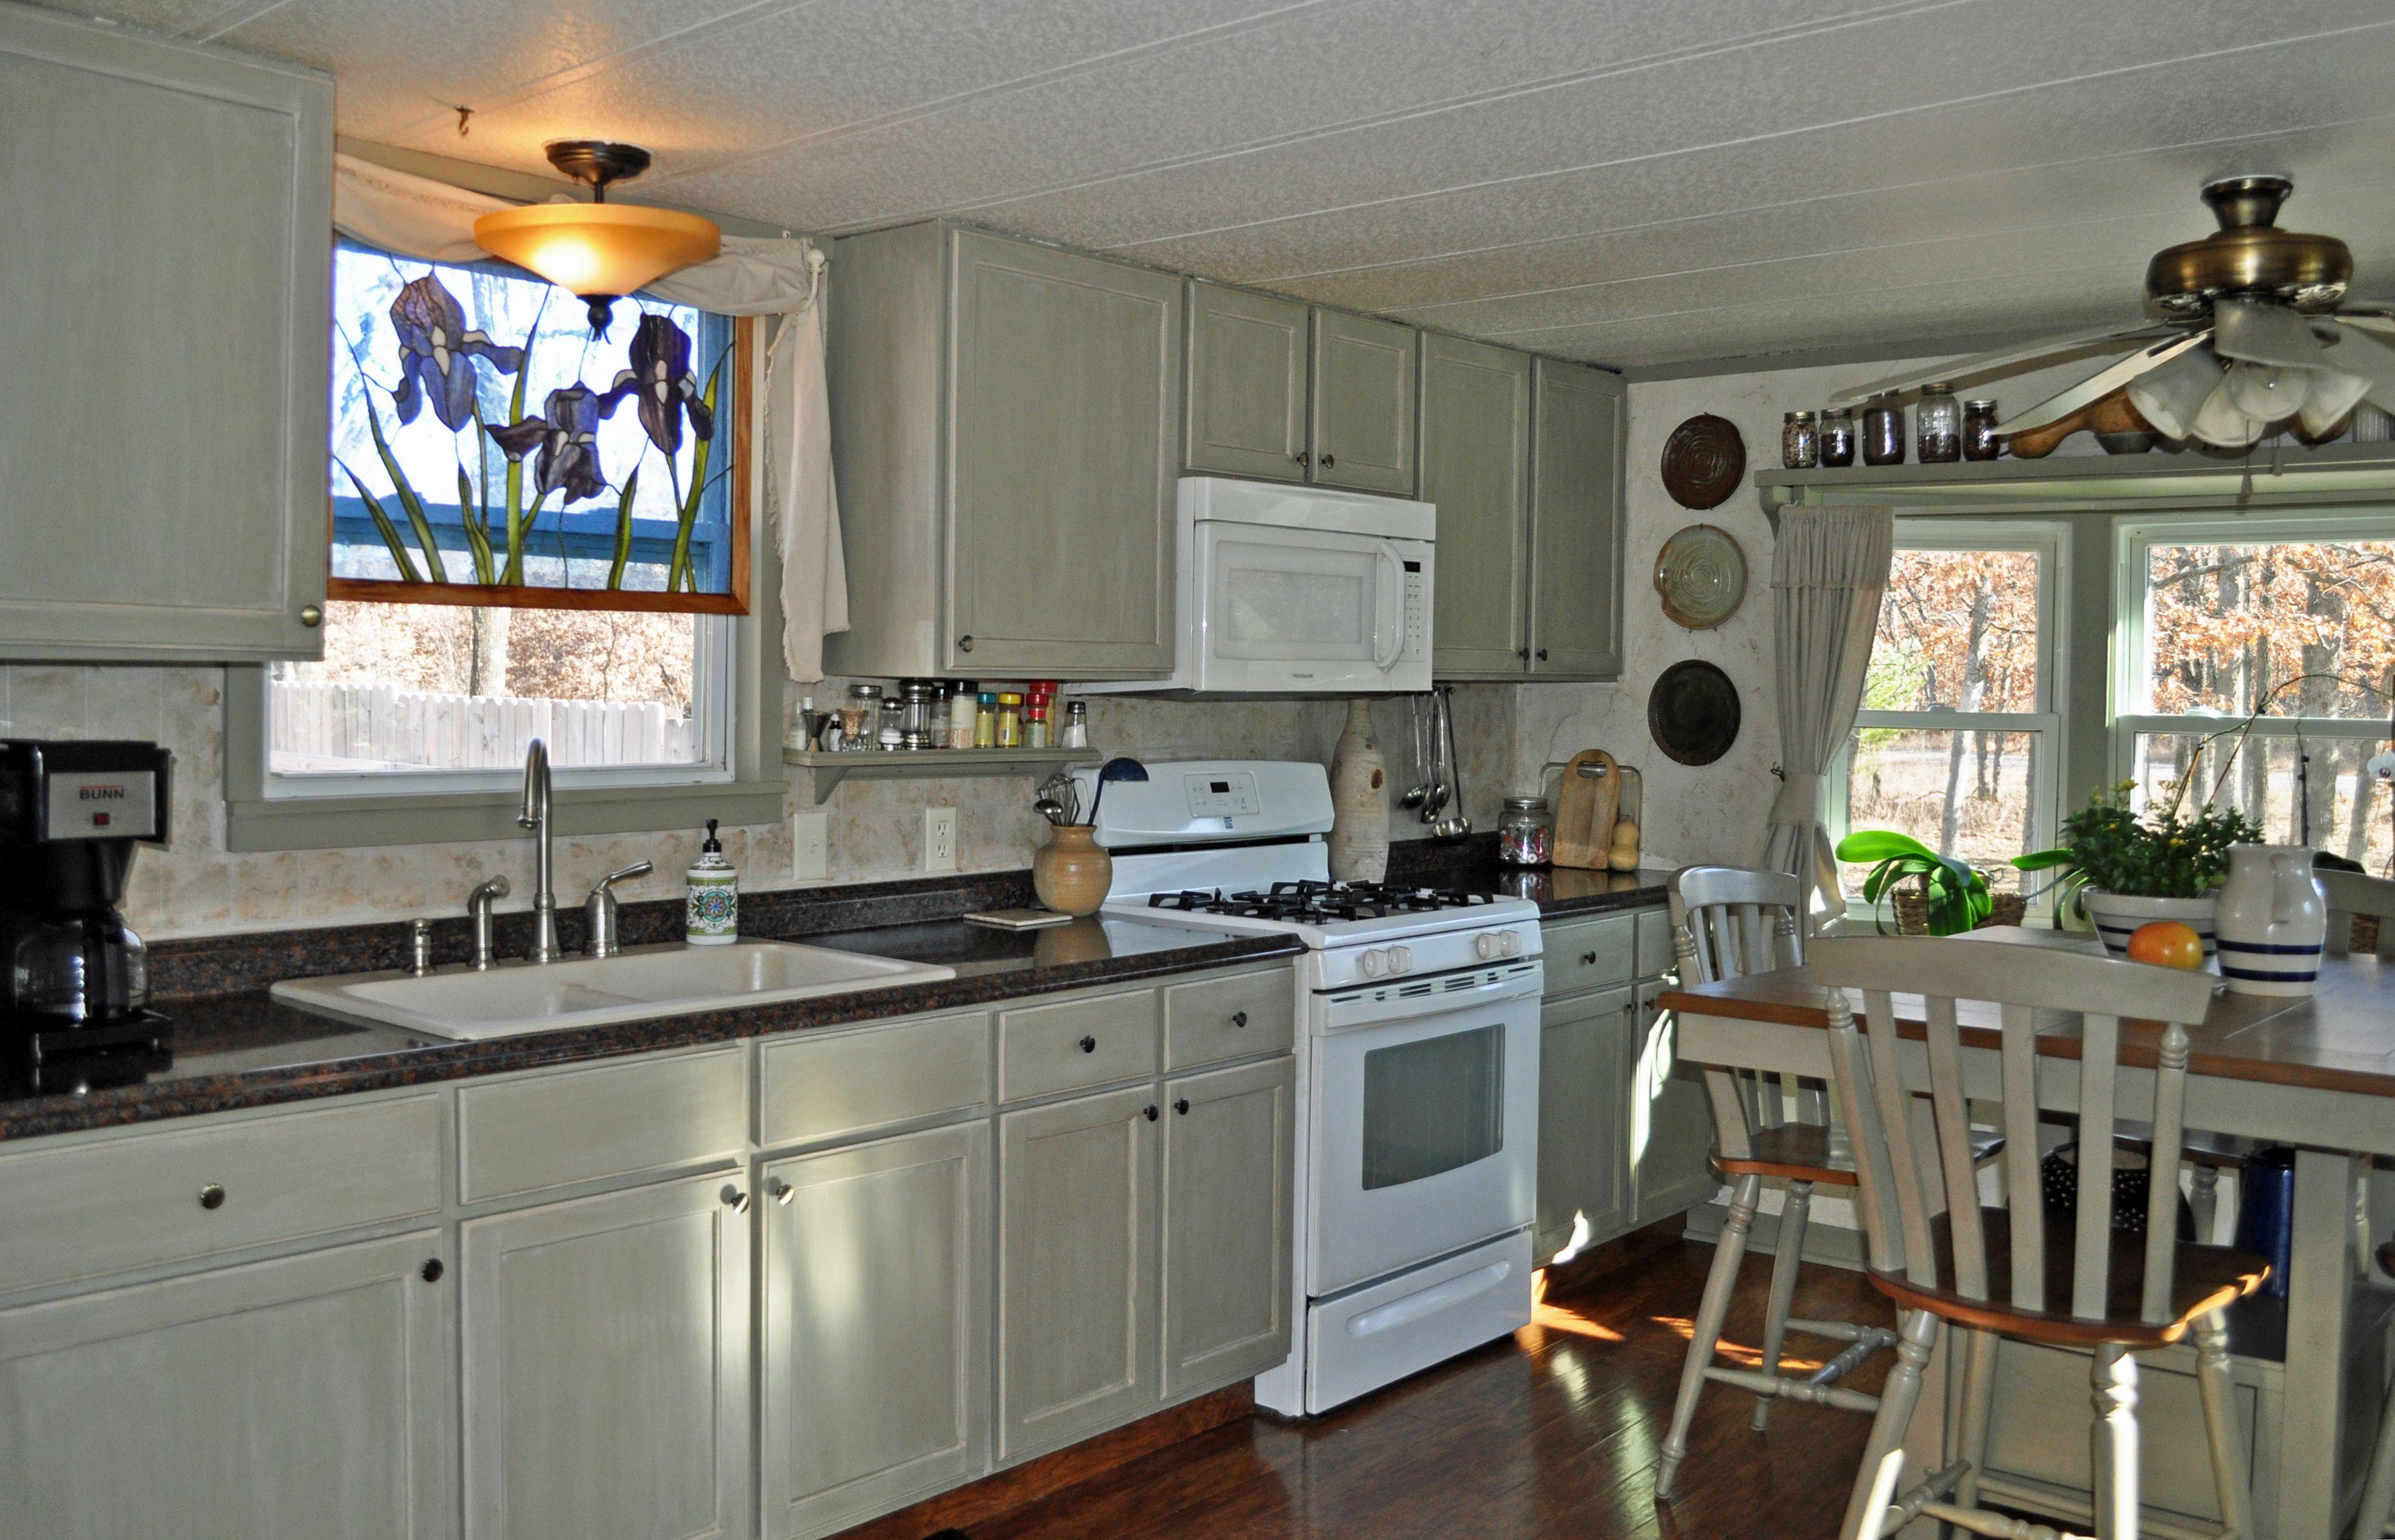 Small Mobile Home Kitchens Novocom Top